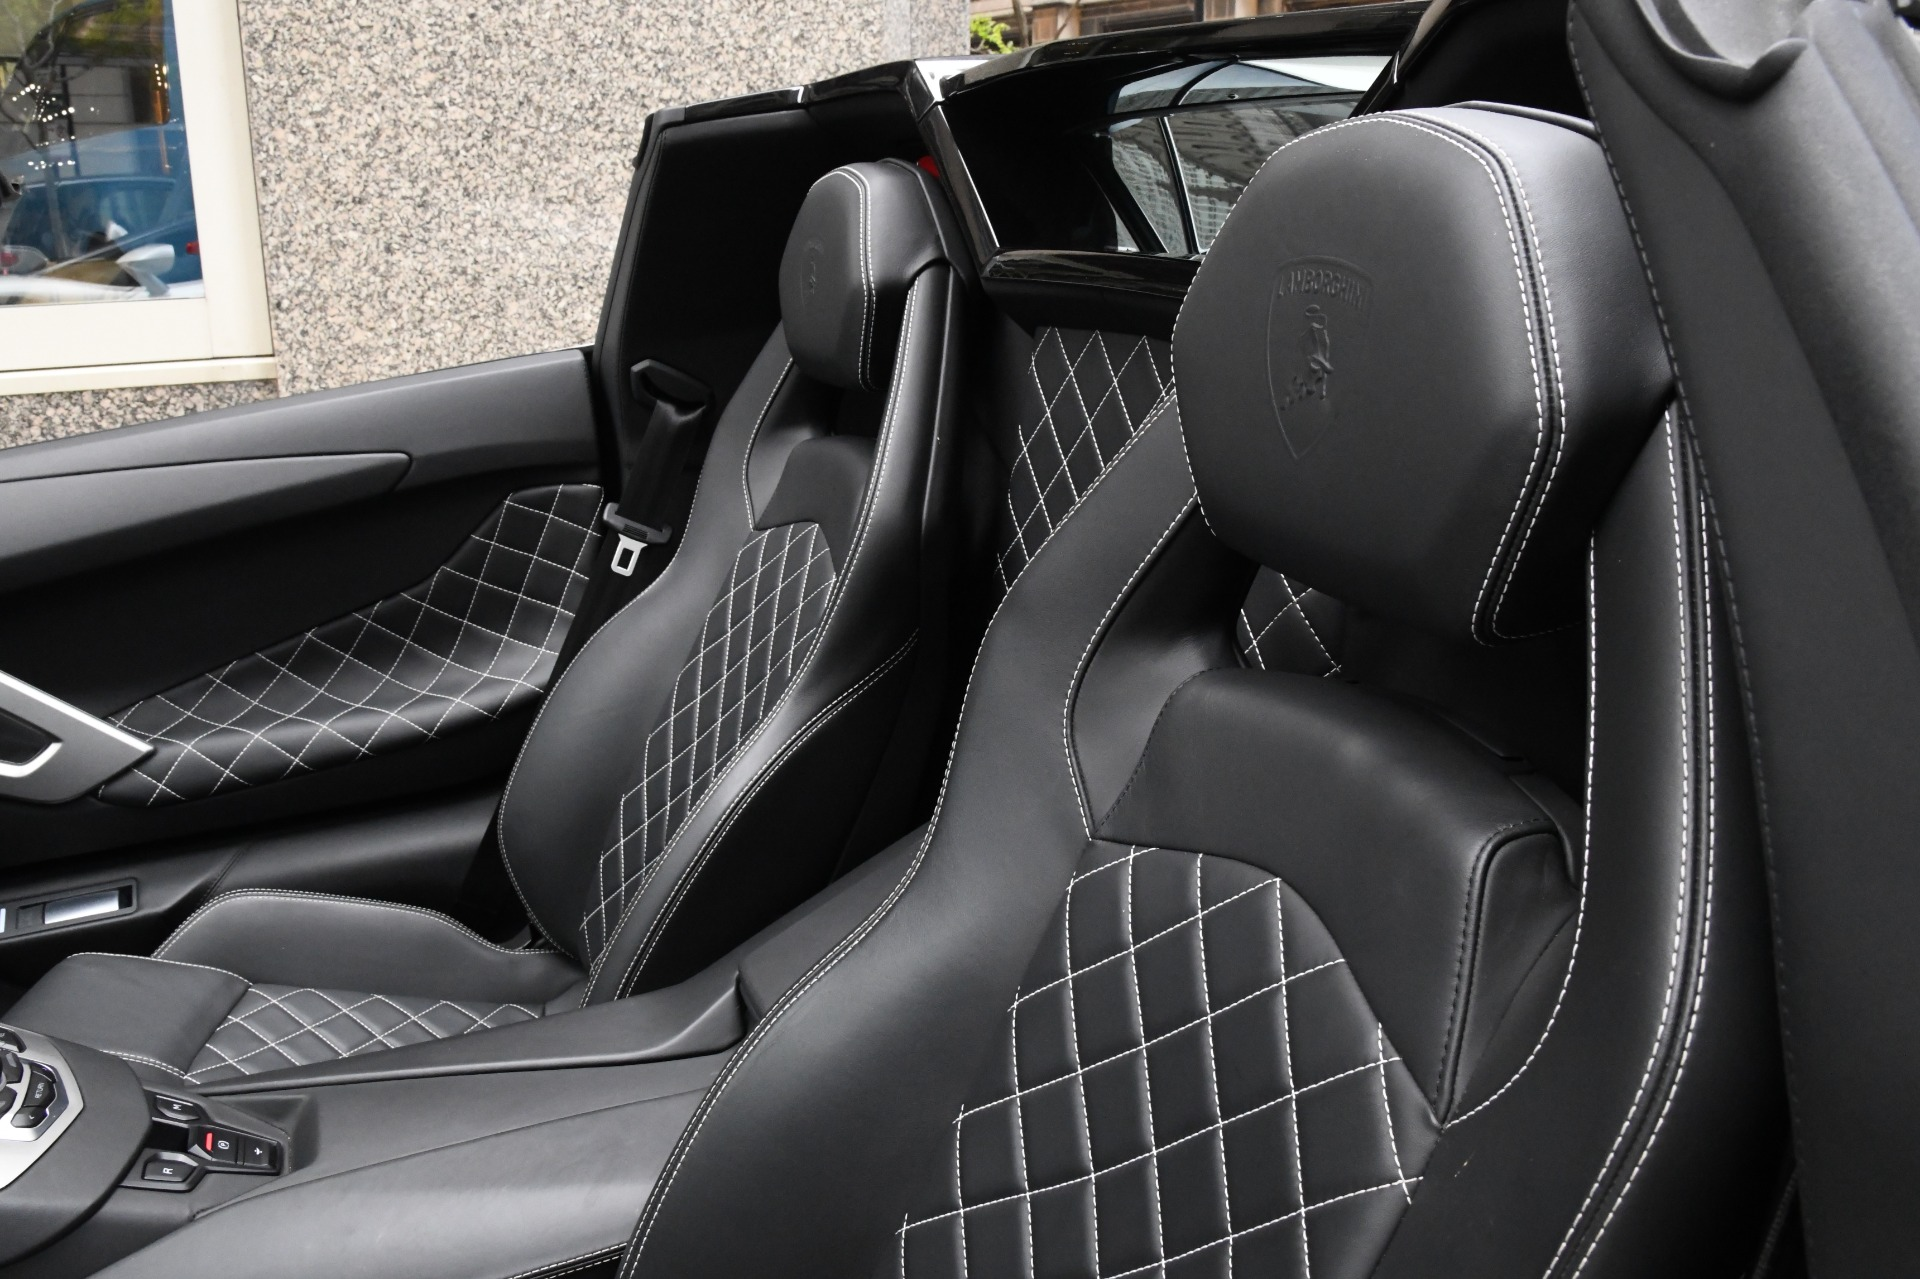 Used 2015 Lamborghini Aventador Roadster LP 700-4 Roadster | Chicago, IL